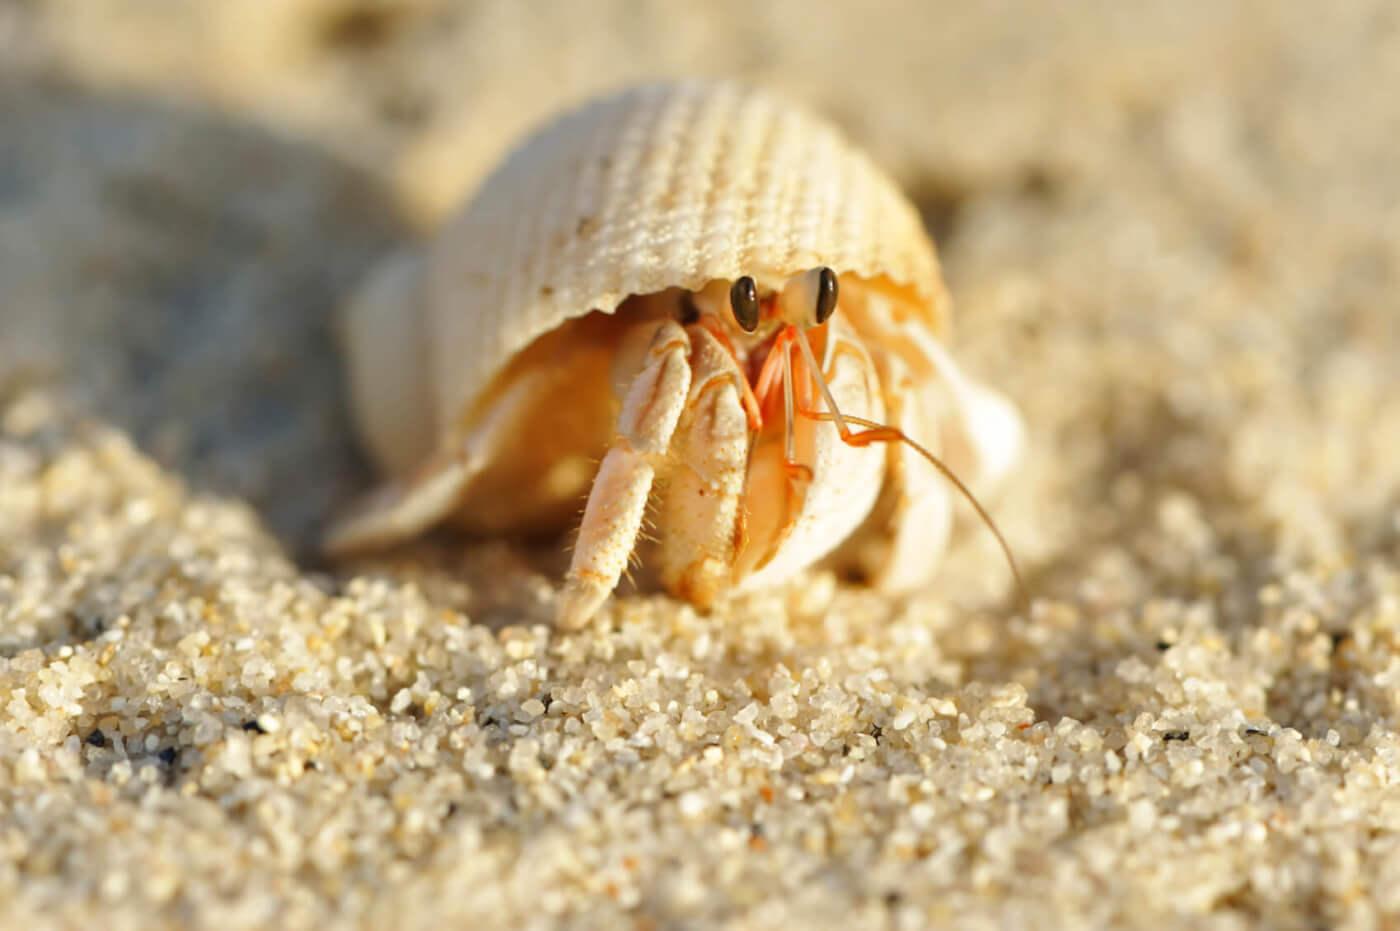 Urge Myrtle Beach Stores to Ditch Hermit Crab Sales